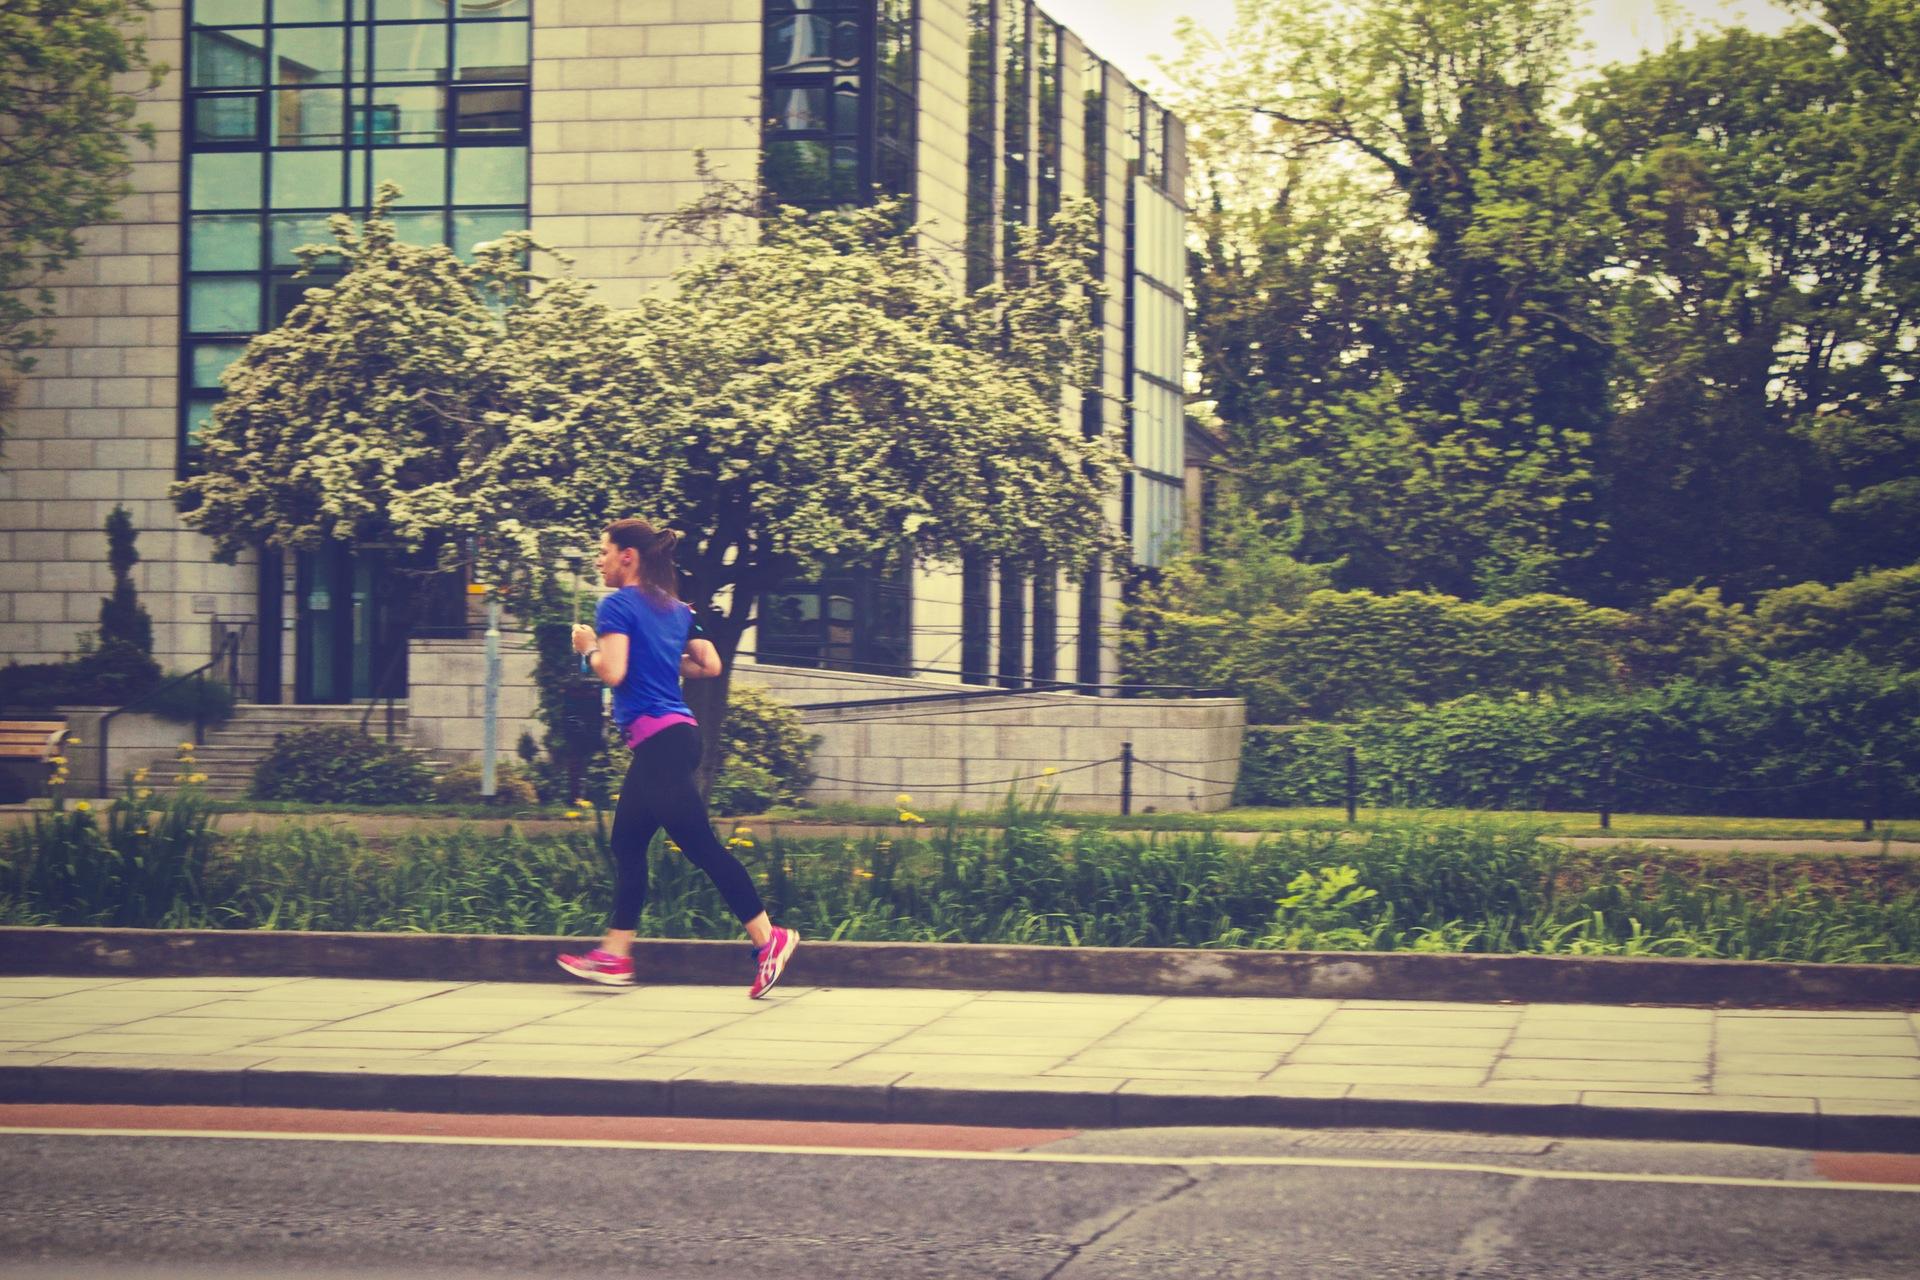 Odchudzanie: dlaczego nie mogę schudnąć? Popularne błędy.